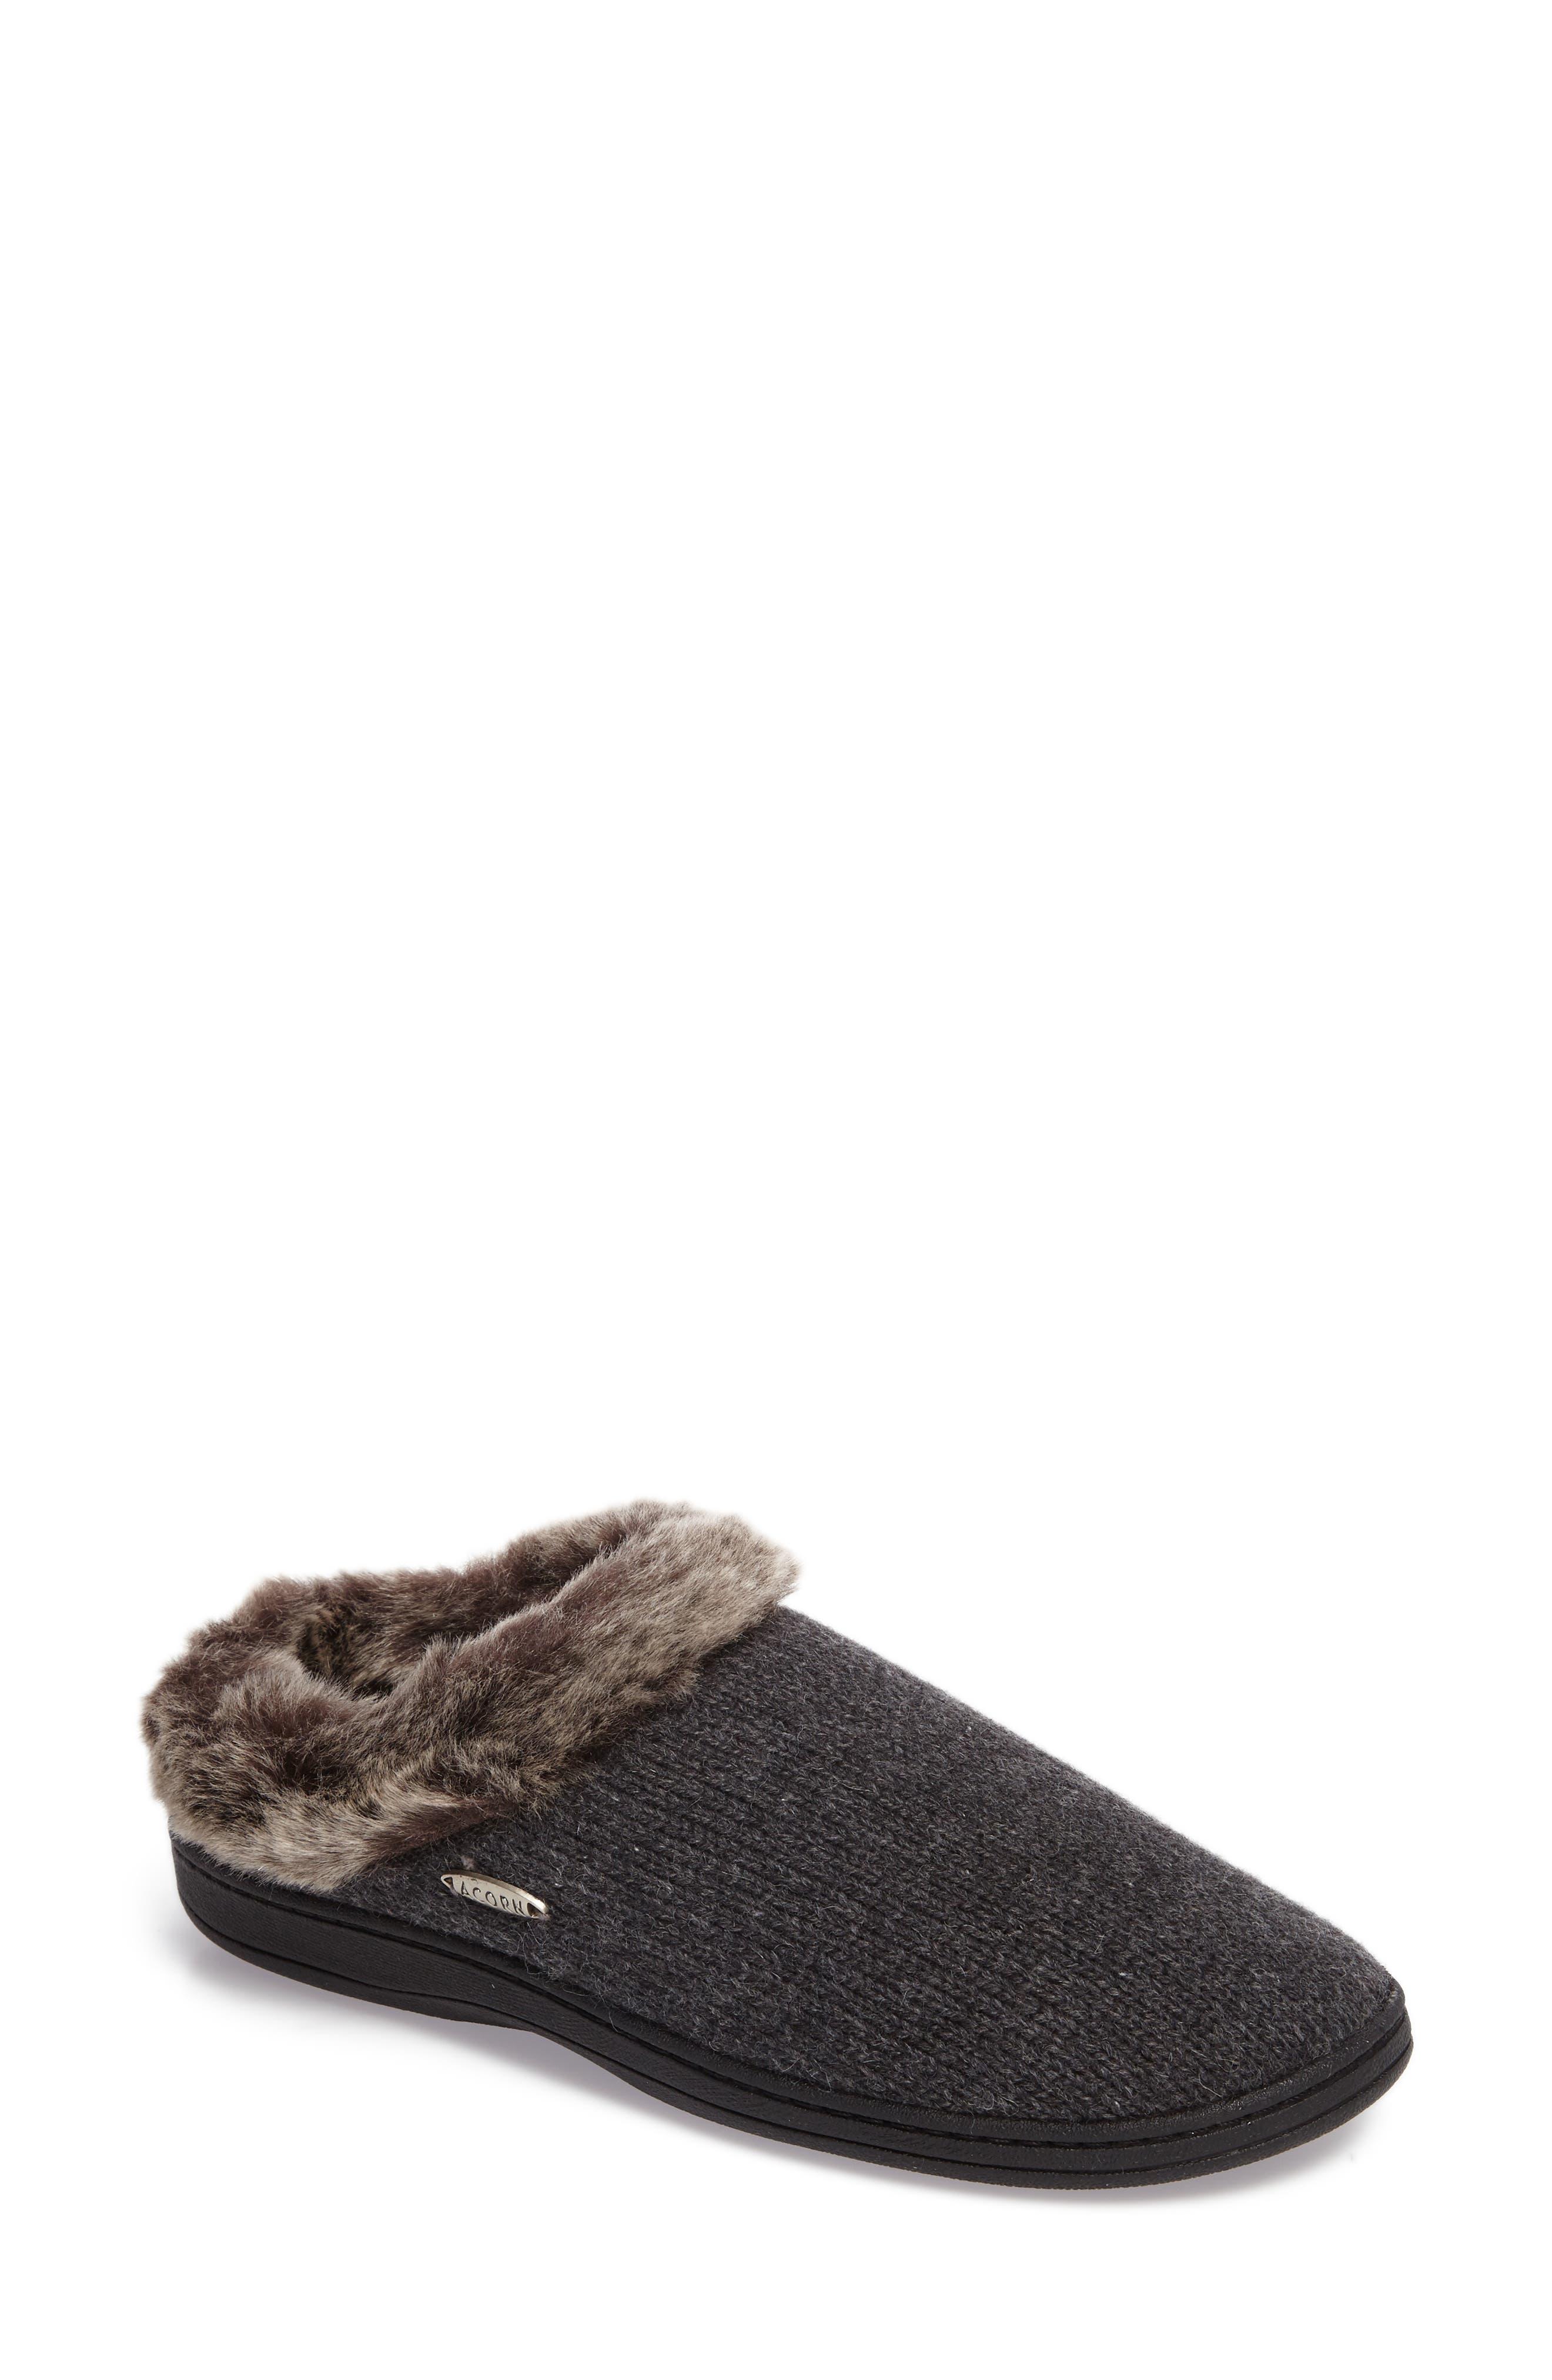 Chinchilla Faux Fur Slipper,                         Main,                         color, Dark Charcoal Heather